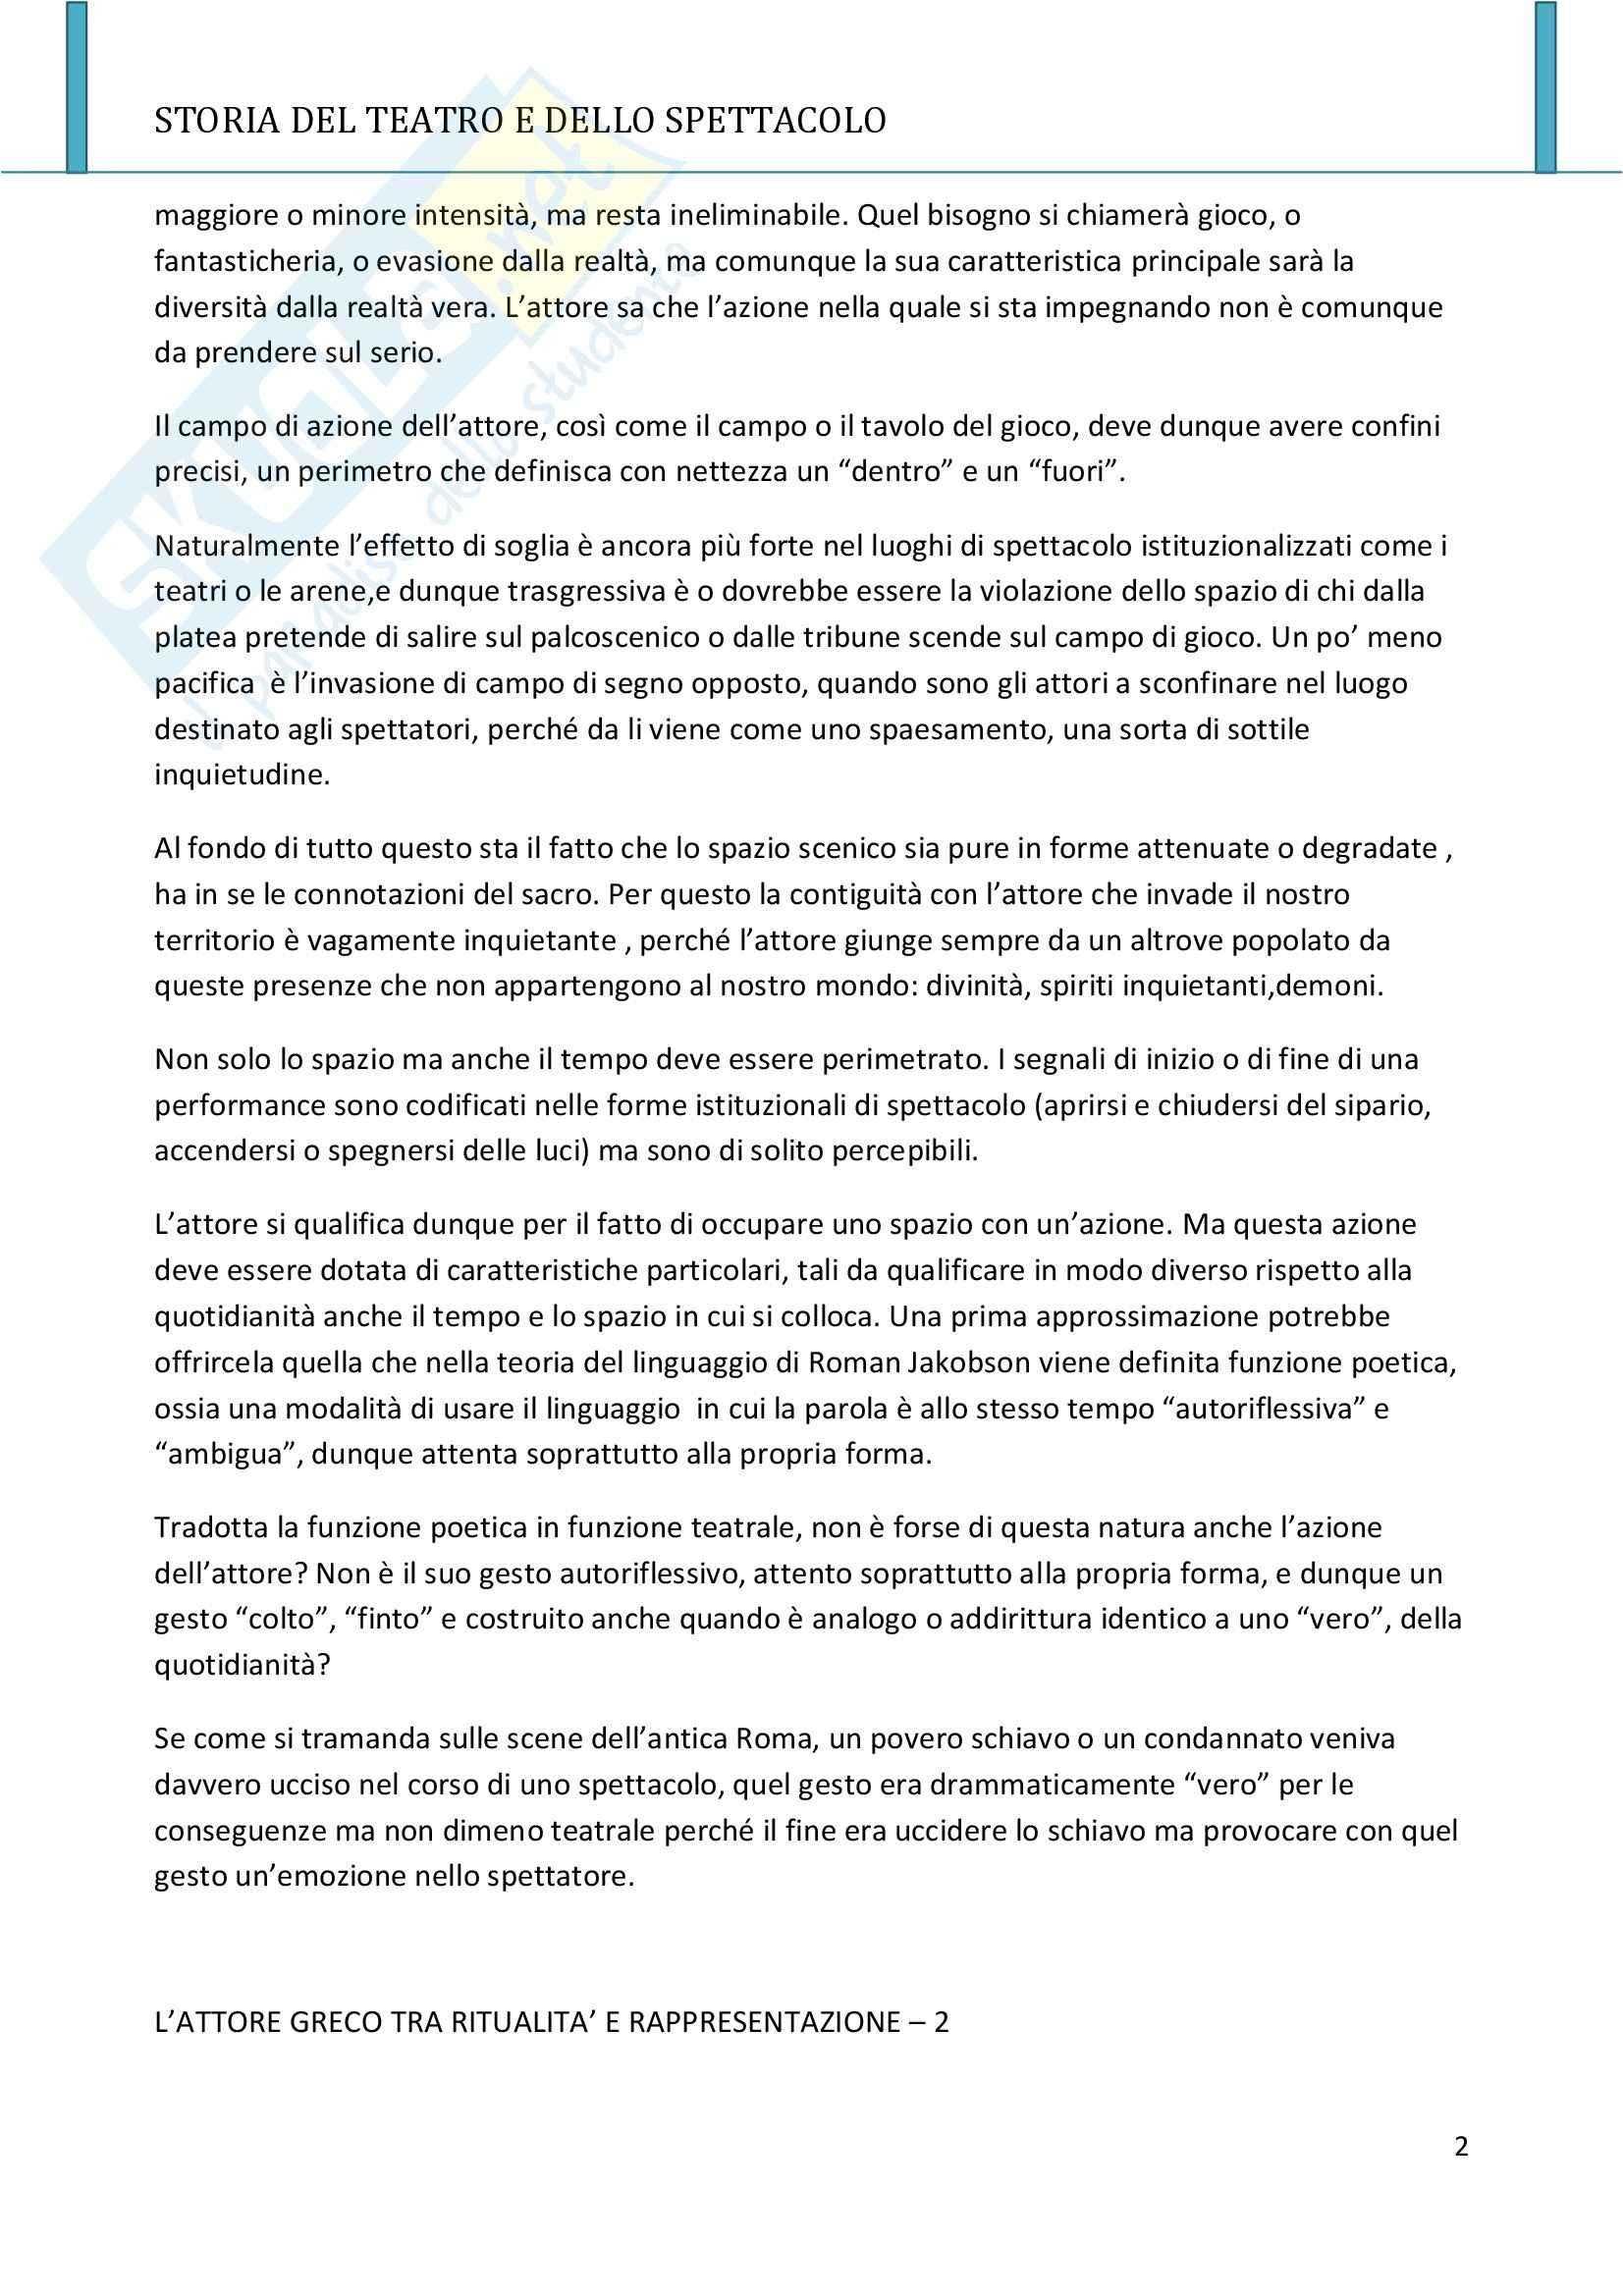 Riassunto esame Storia del teatro e dello spettacolo, prof. Allegri, libro consigliato L'arte e il mestiere, Luigi Allegri Pag. 2